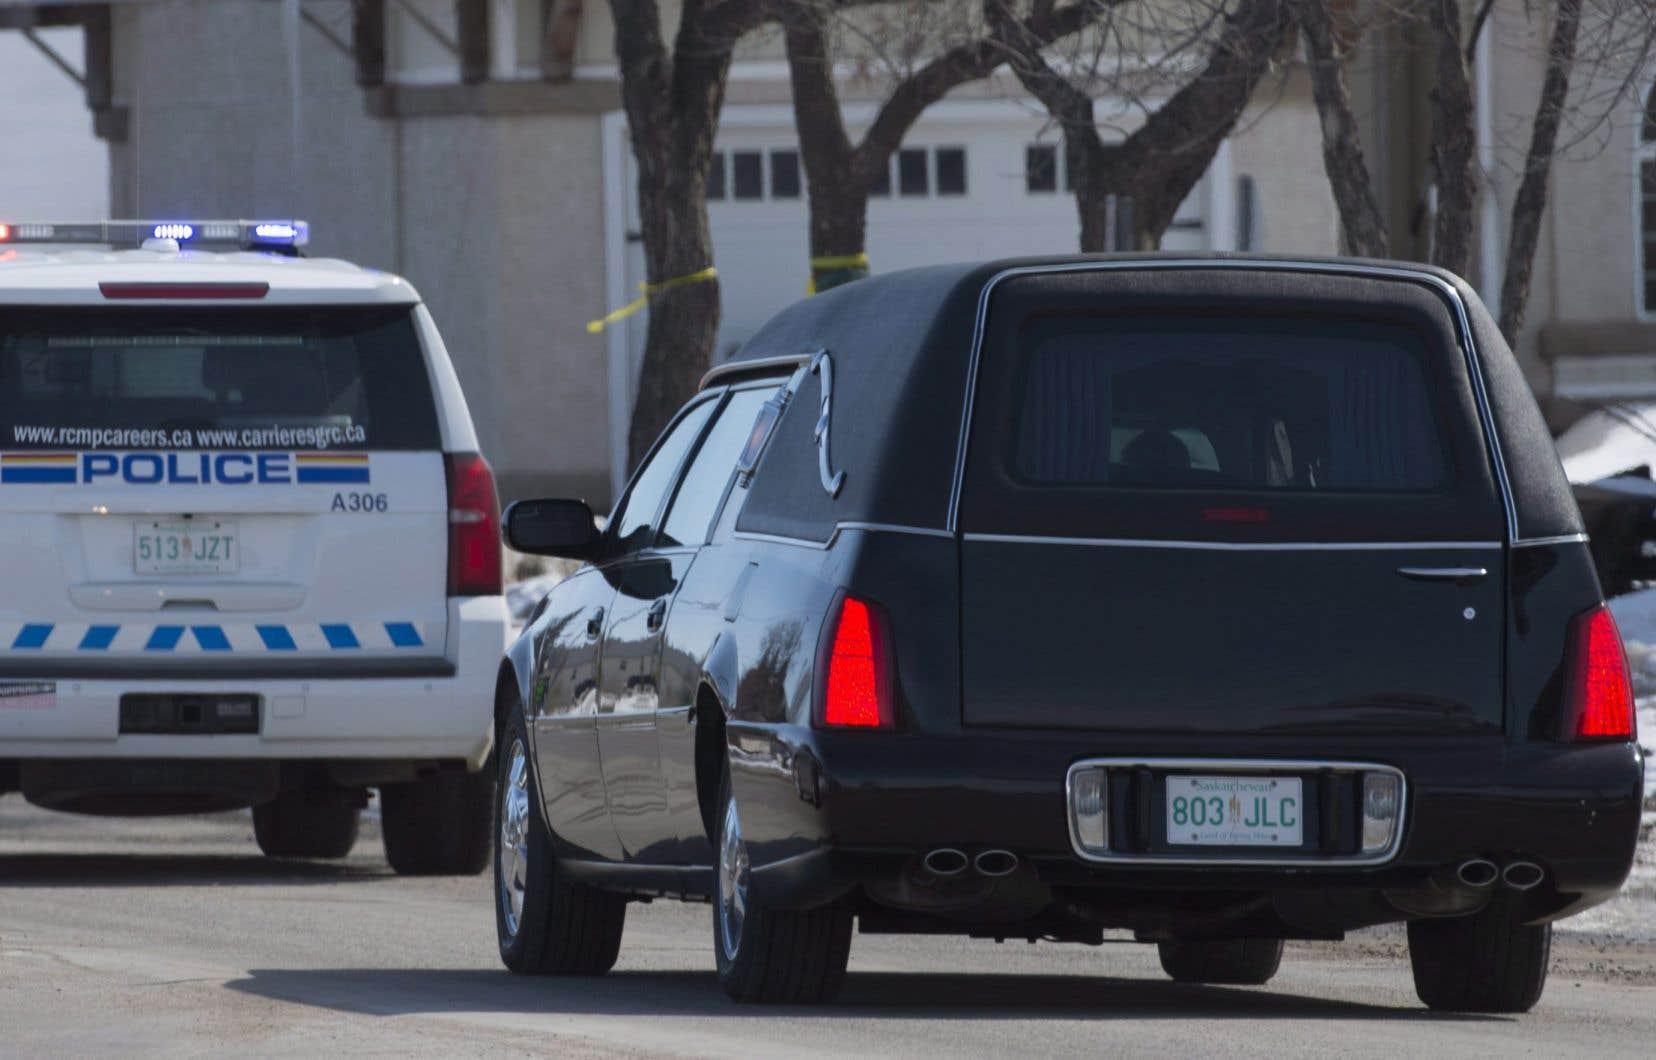 Un corbillard transporte la dépouille de Jacob Leicht à Humboldt, en Saskatchewan. Le jeune homme de 19 ans compte parmi les 16 occupants de l'autocar des Broncos qui ont perdu la vie dans la collision avec un semi-remorque.